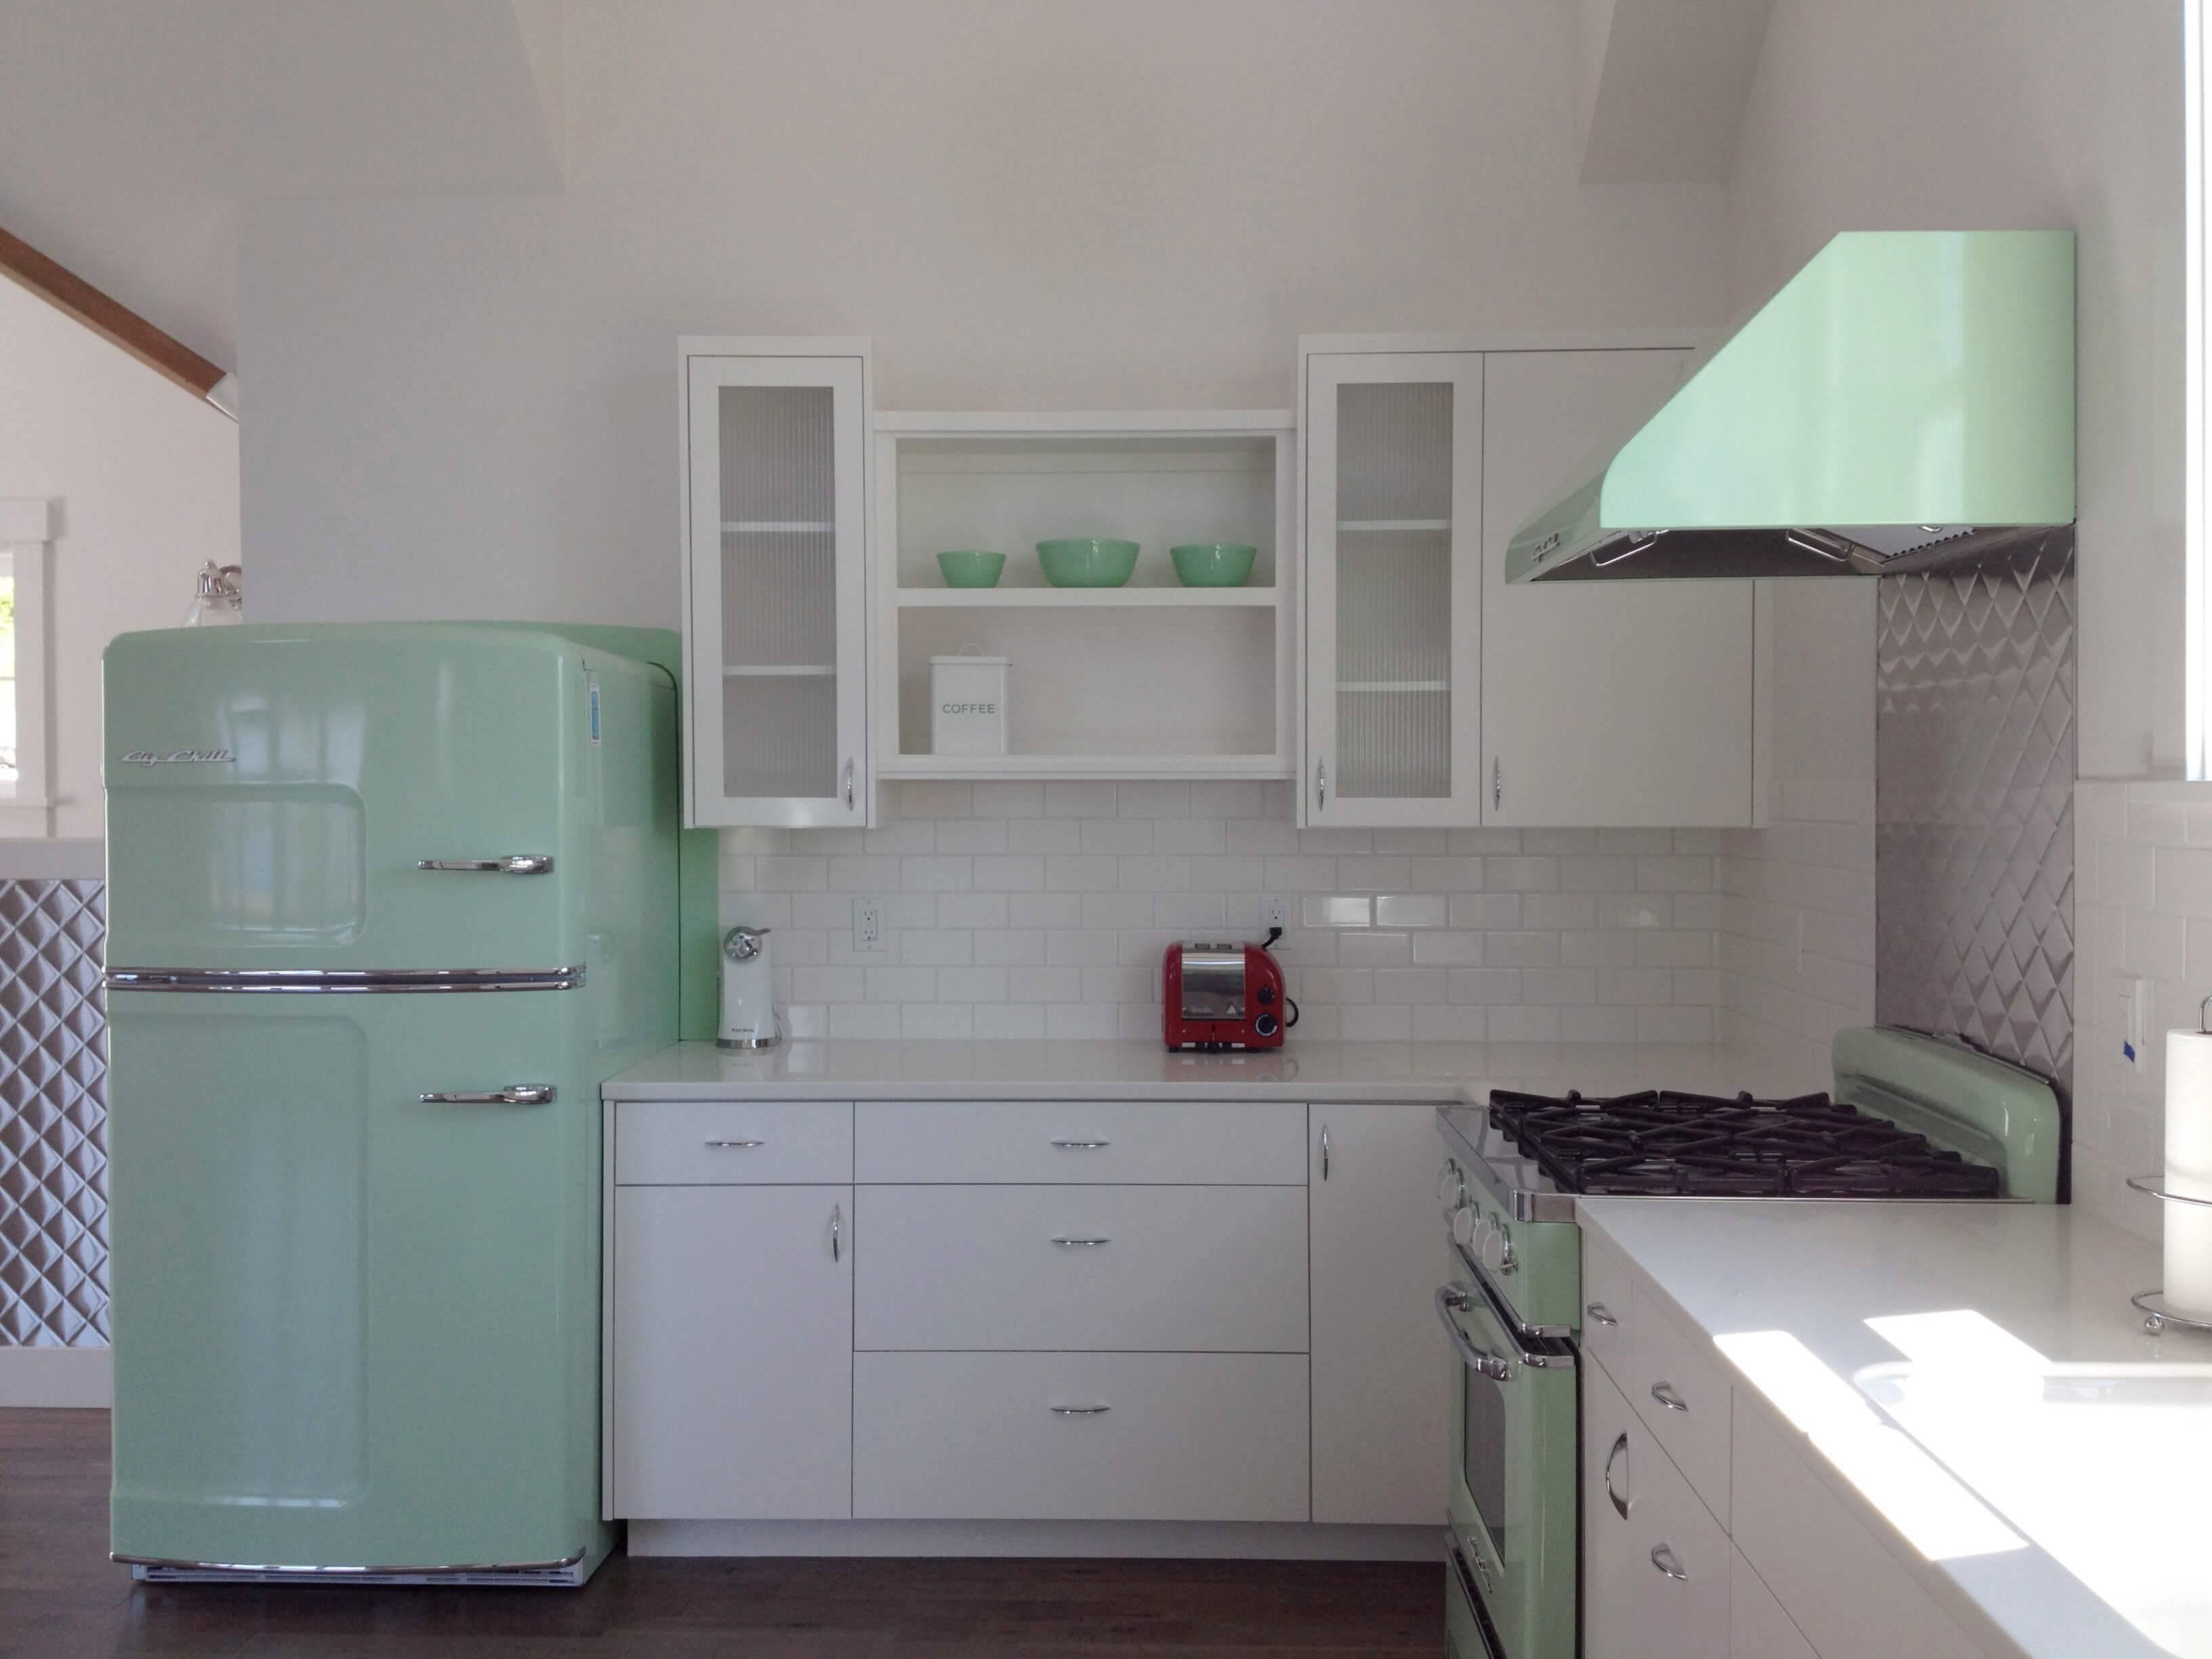 Envelopamento de geladeira na cor verde água combinando com o restante da decoração